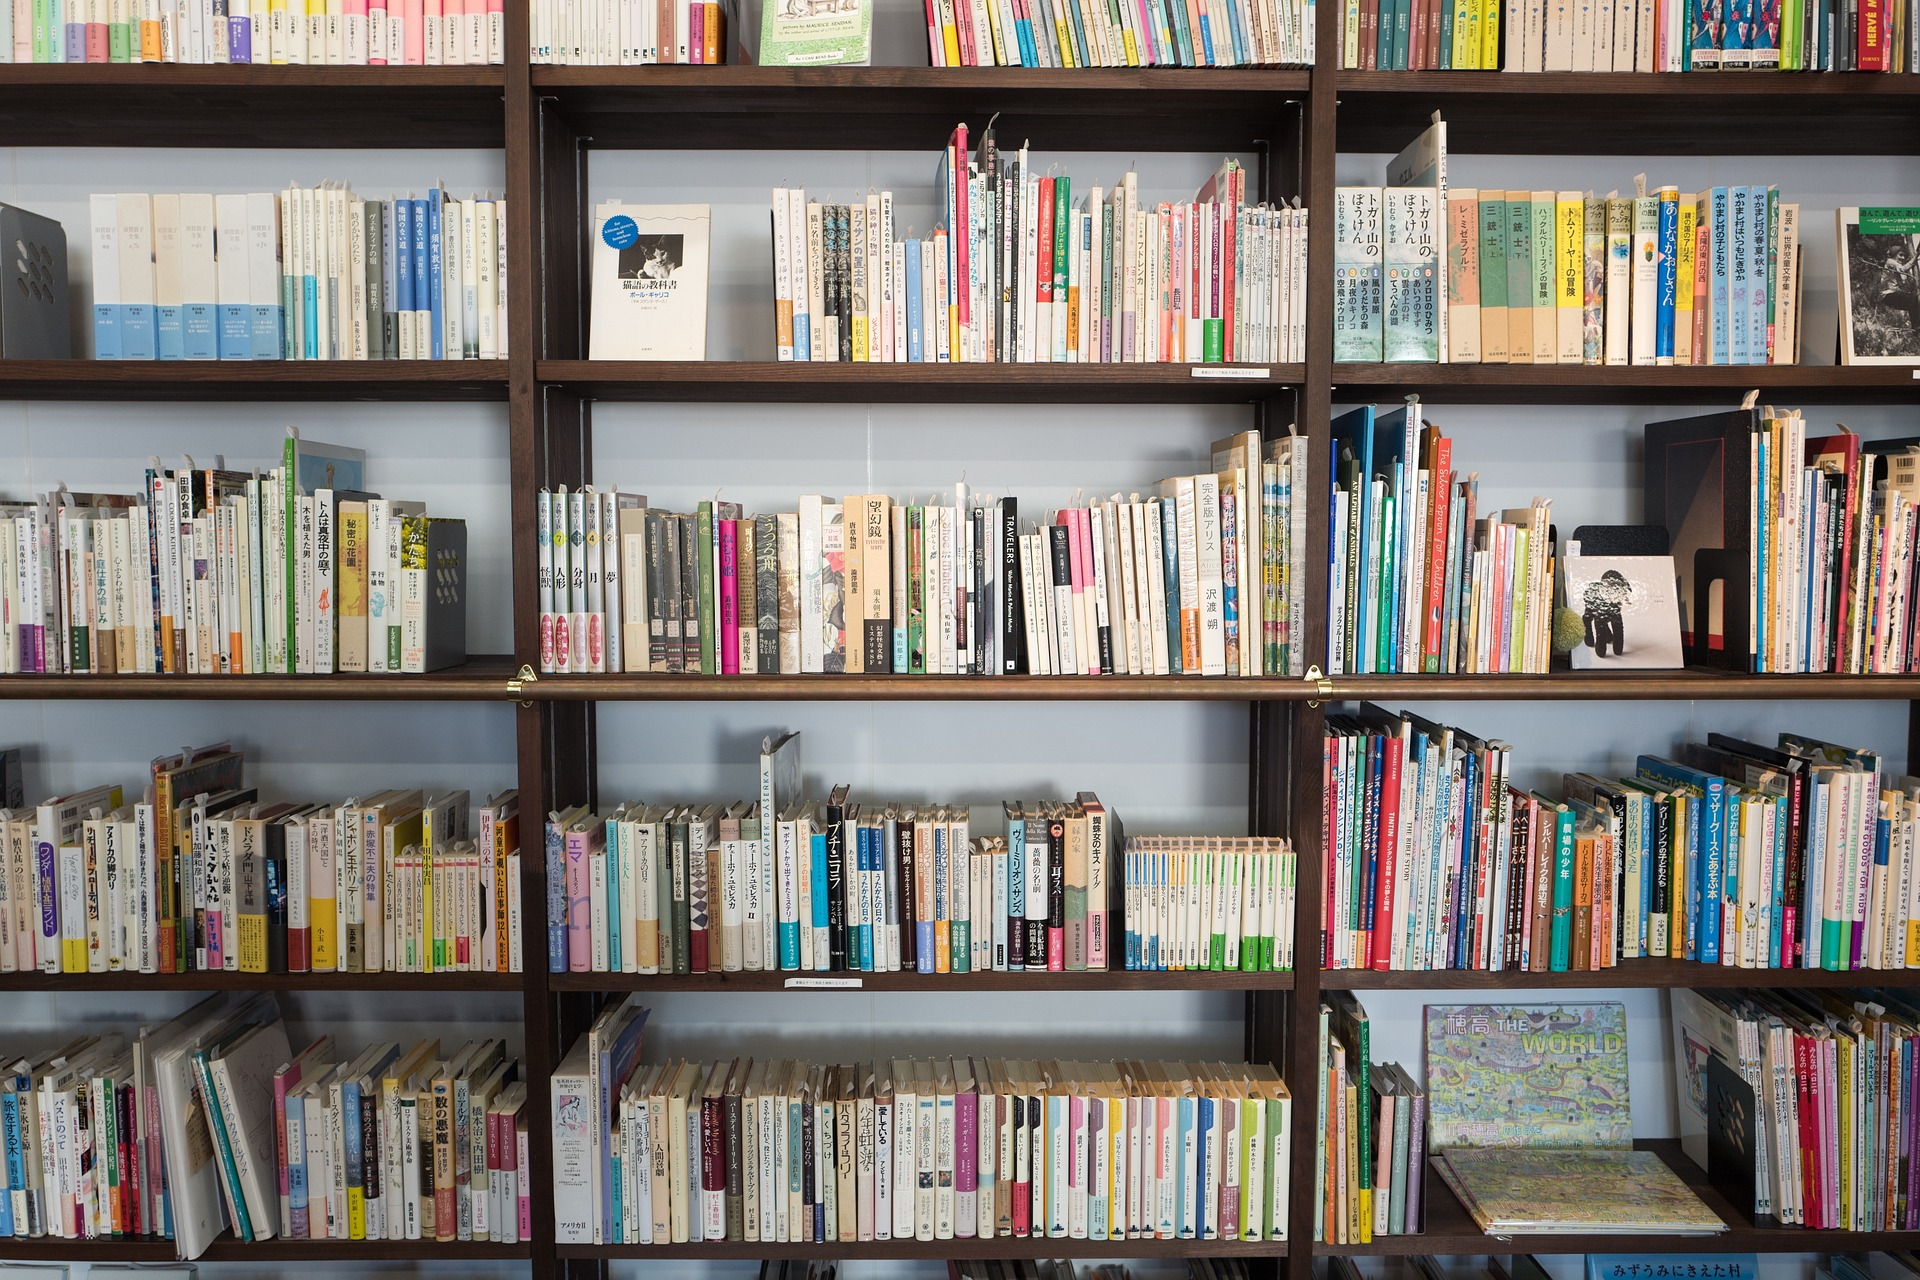 L'Annexe musée : un centre de documentation sur l'art contemporain